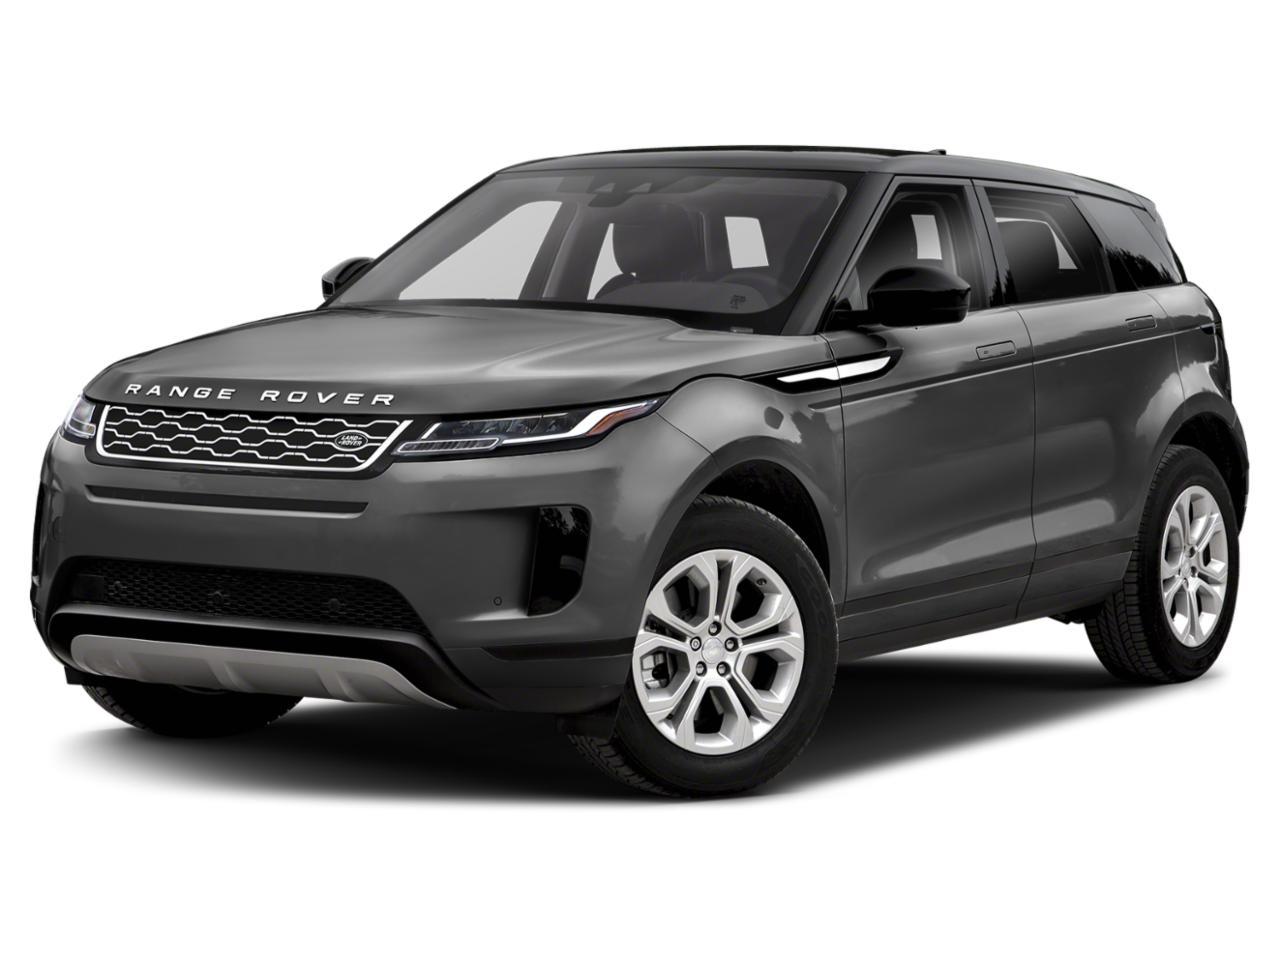 2020 Land Rover Range Rover Evoque Vehicle Photo in Austin, TX 78717